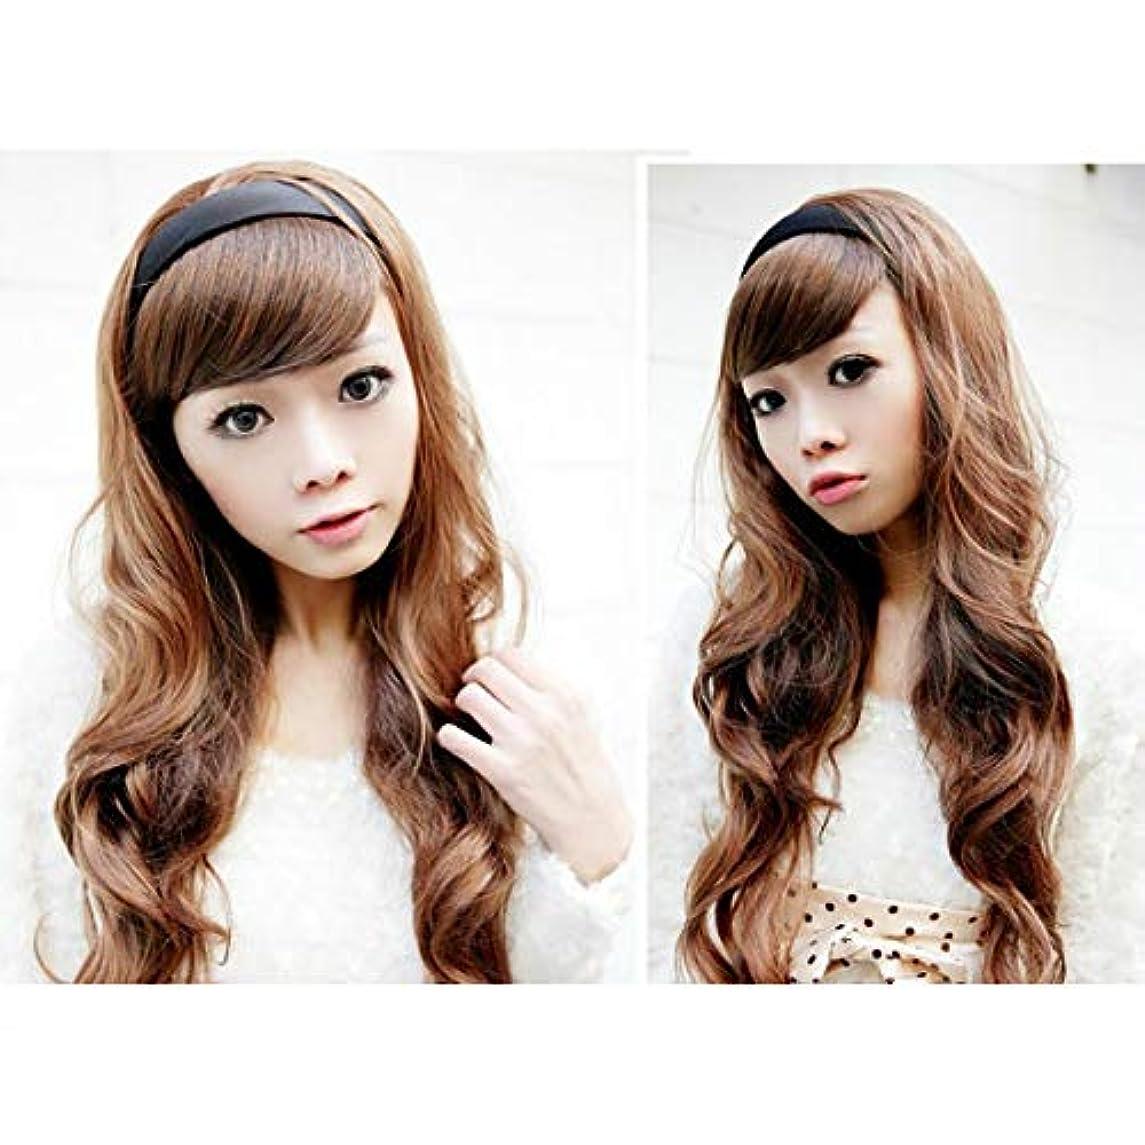 セブン名詞規制YZUEYT 女性の毛のウィッグは、黒いフープのヘッドブランドと長い波状 YZUEYT (Color : Color Dark Brown, Size : One size)